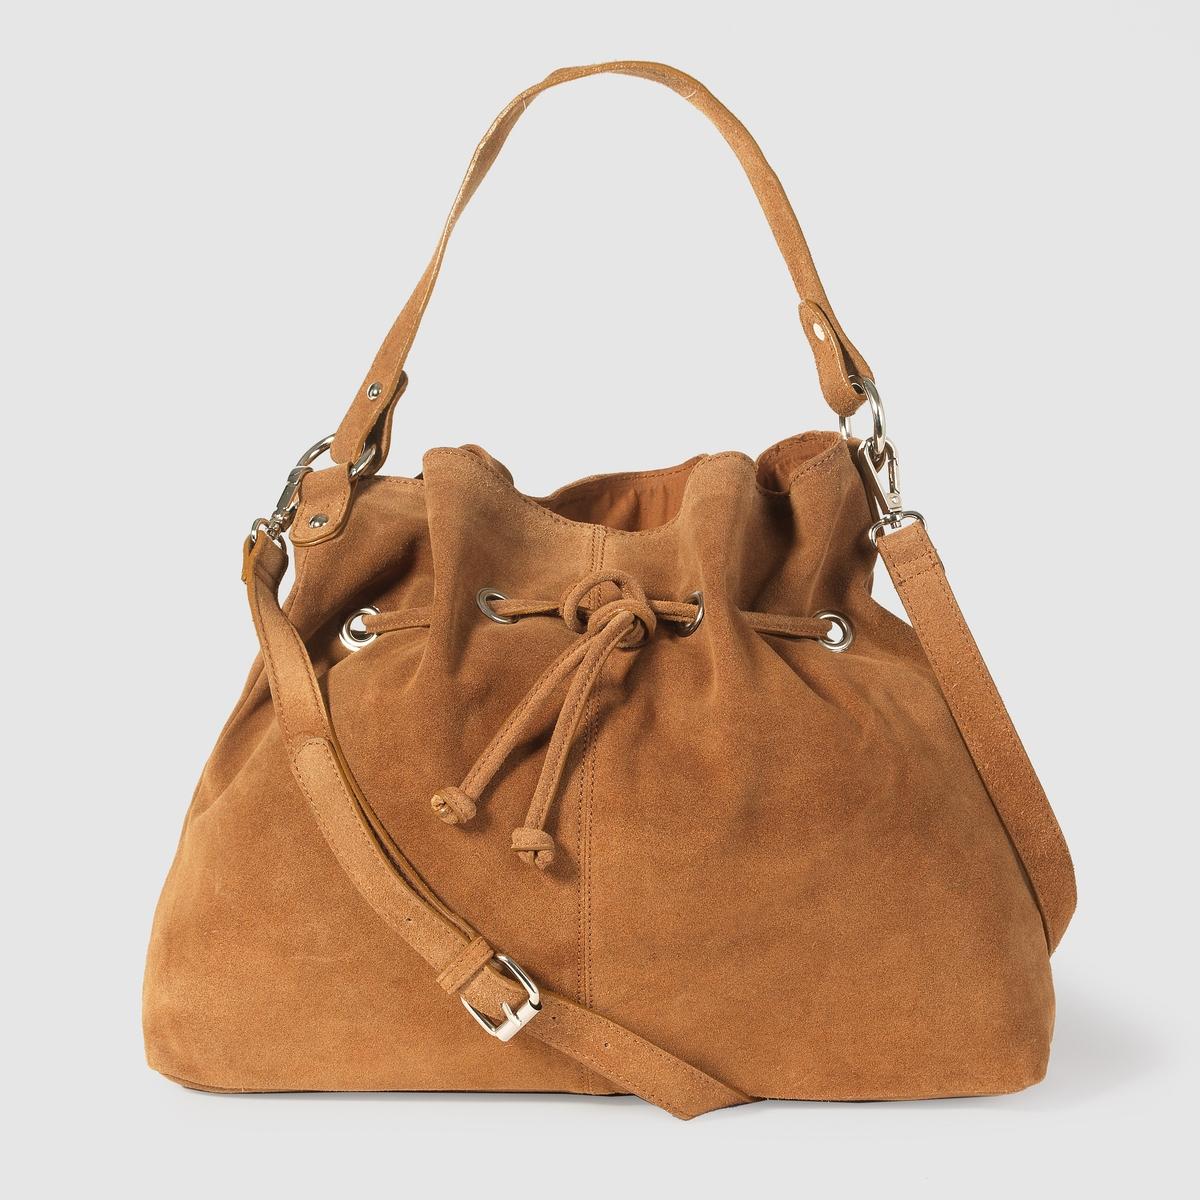 Сумка-мешок из мягкой кожиМарка : R studioРазм. : 40 x 31 x 11 смВерх : 100% невыделанной кожи (яловичной)Подкладка : текстильЗастежка : на завязкахКарманы : 1 внутренний карман на молнииПлечевой ремень : съёмный и регулируемый Преимущества : незаменимая в этом сезоне сумка из кожи не только создаёт утонченный аутентичный образ, но и очень вместительна.<br><br>Цвет: темно-бежевый